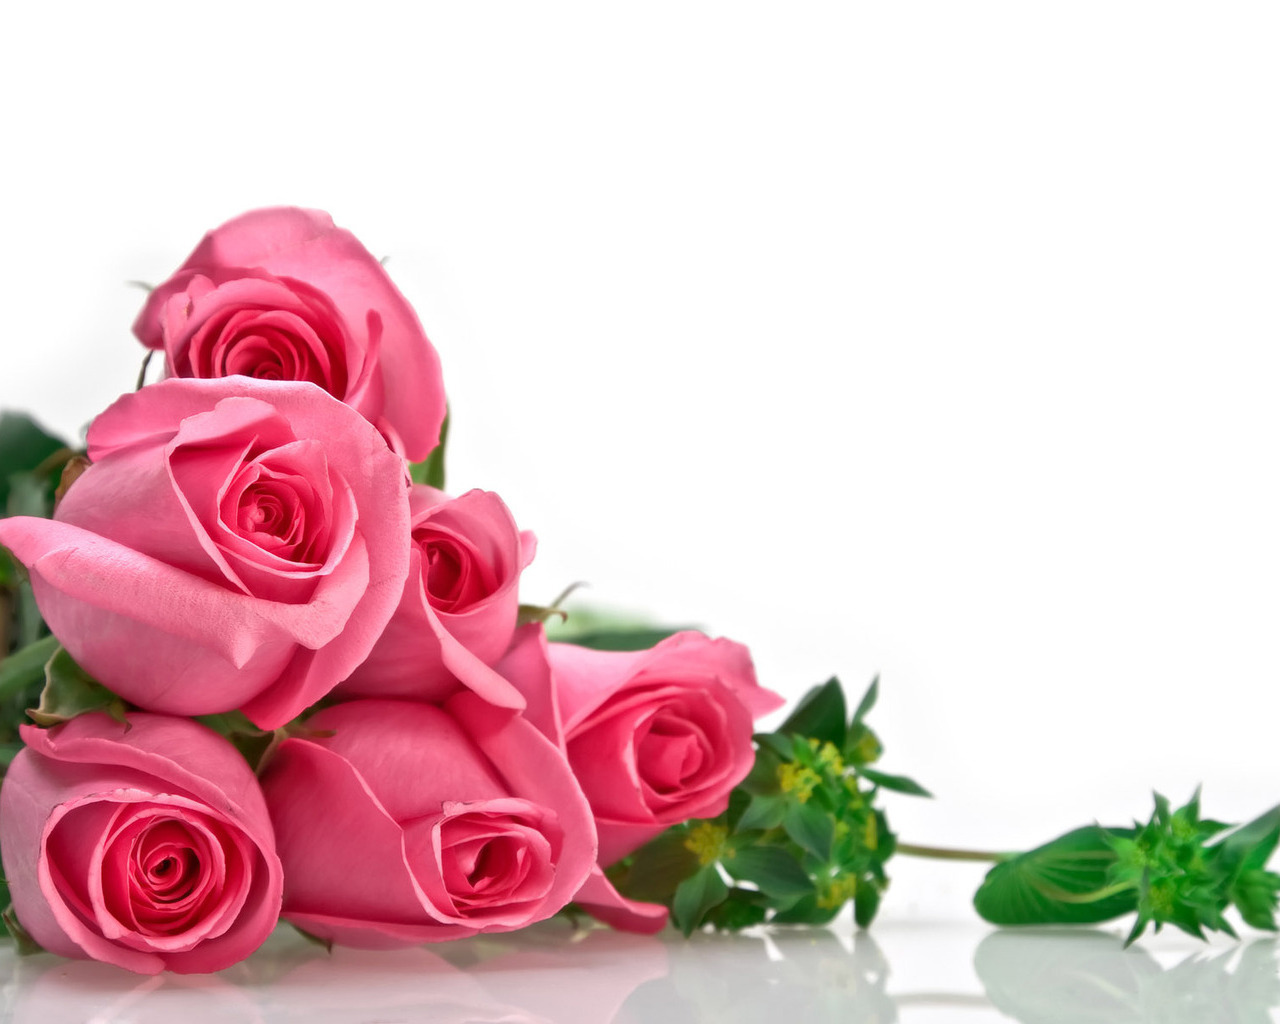 Картинки для поздравлений цветы